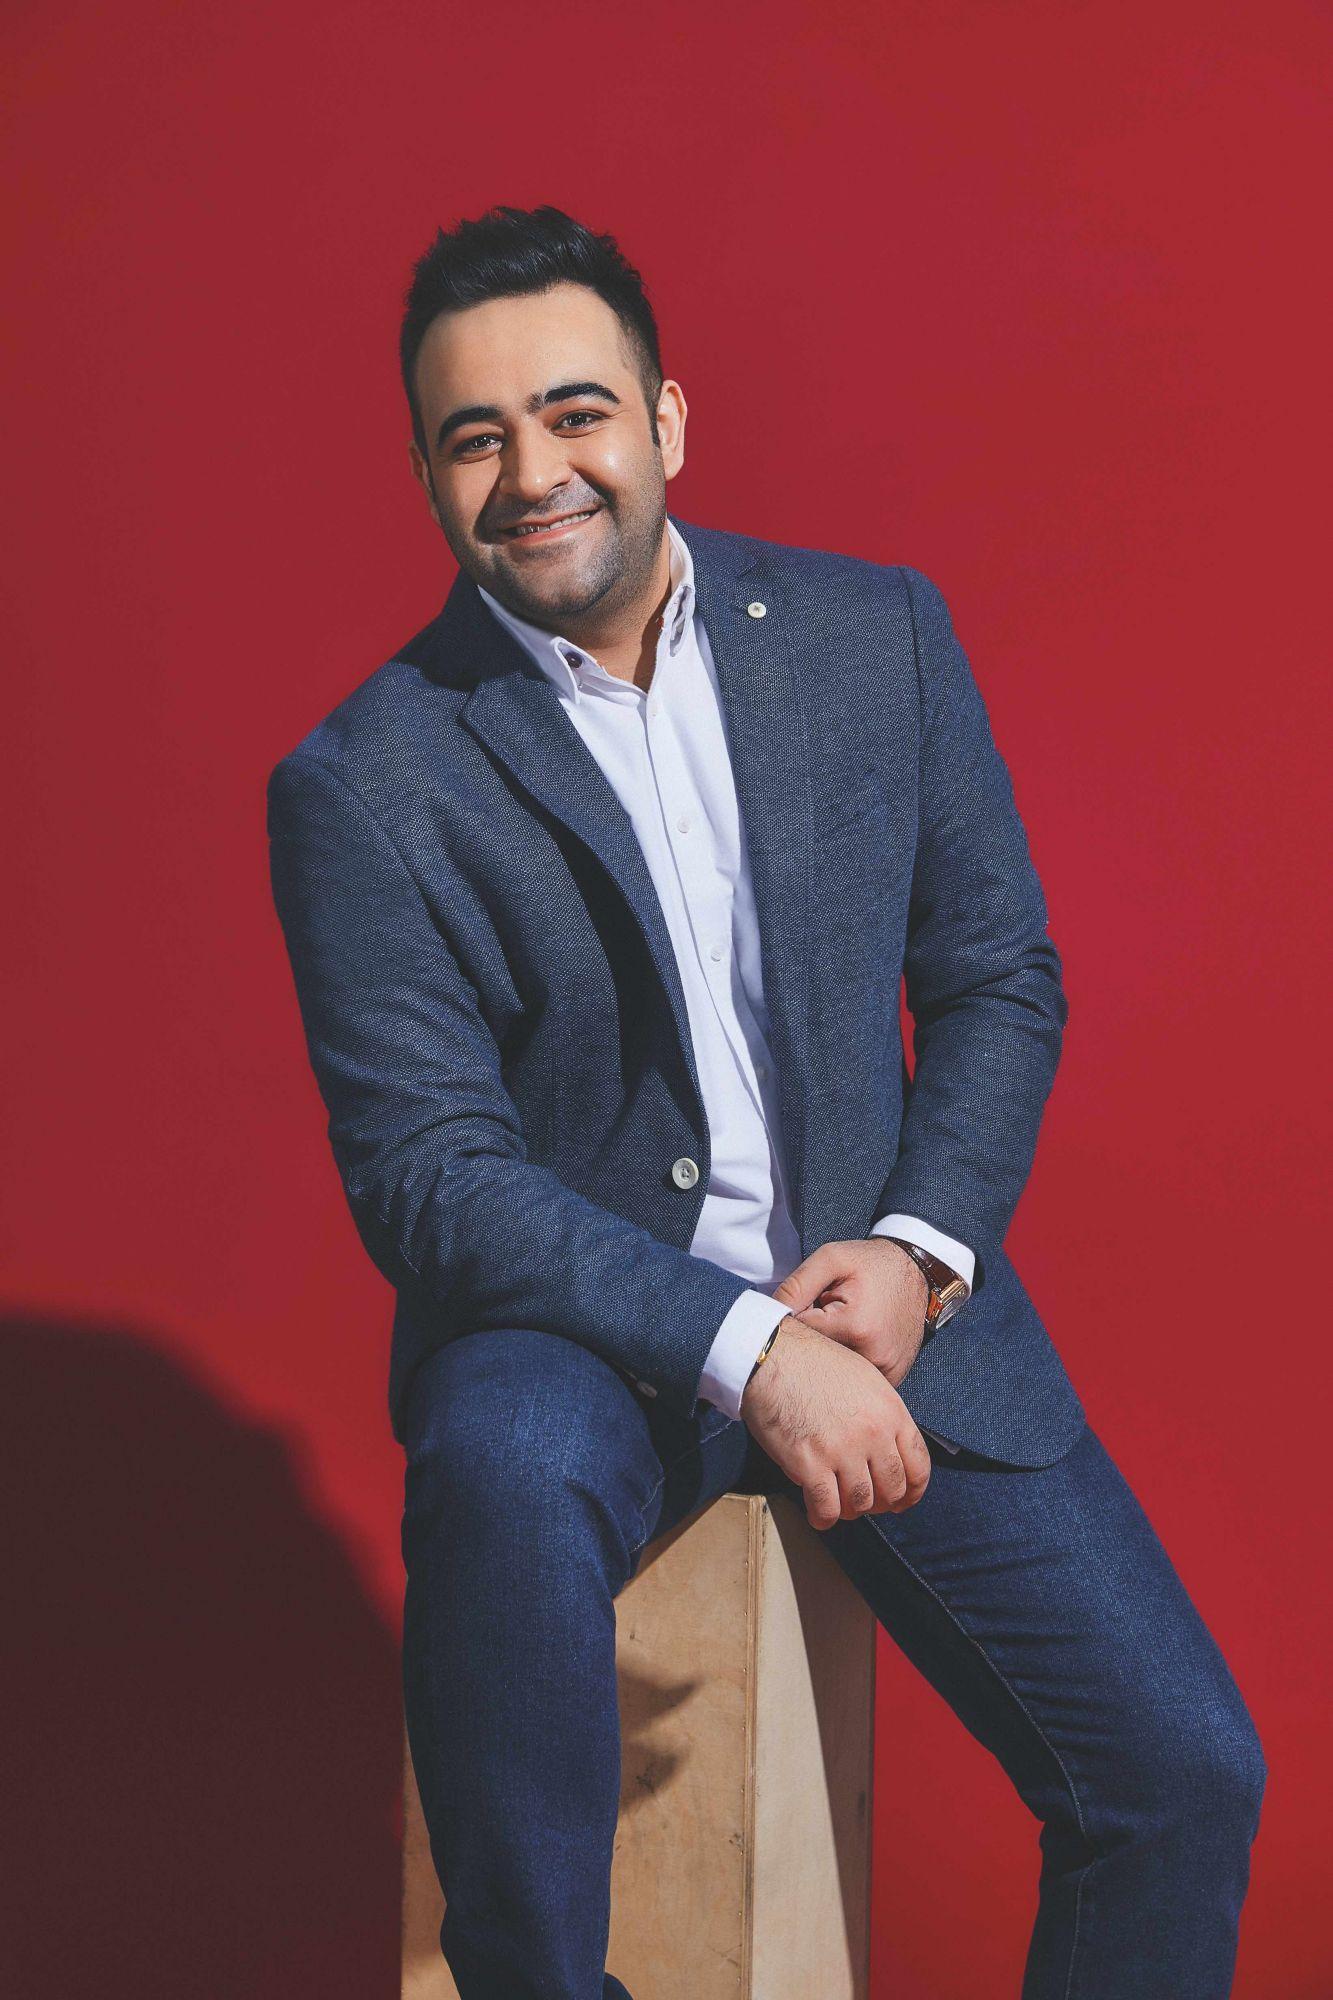 Mohammad Hossein Davood Abadi Farahani